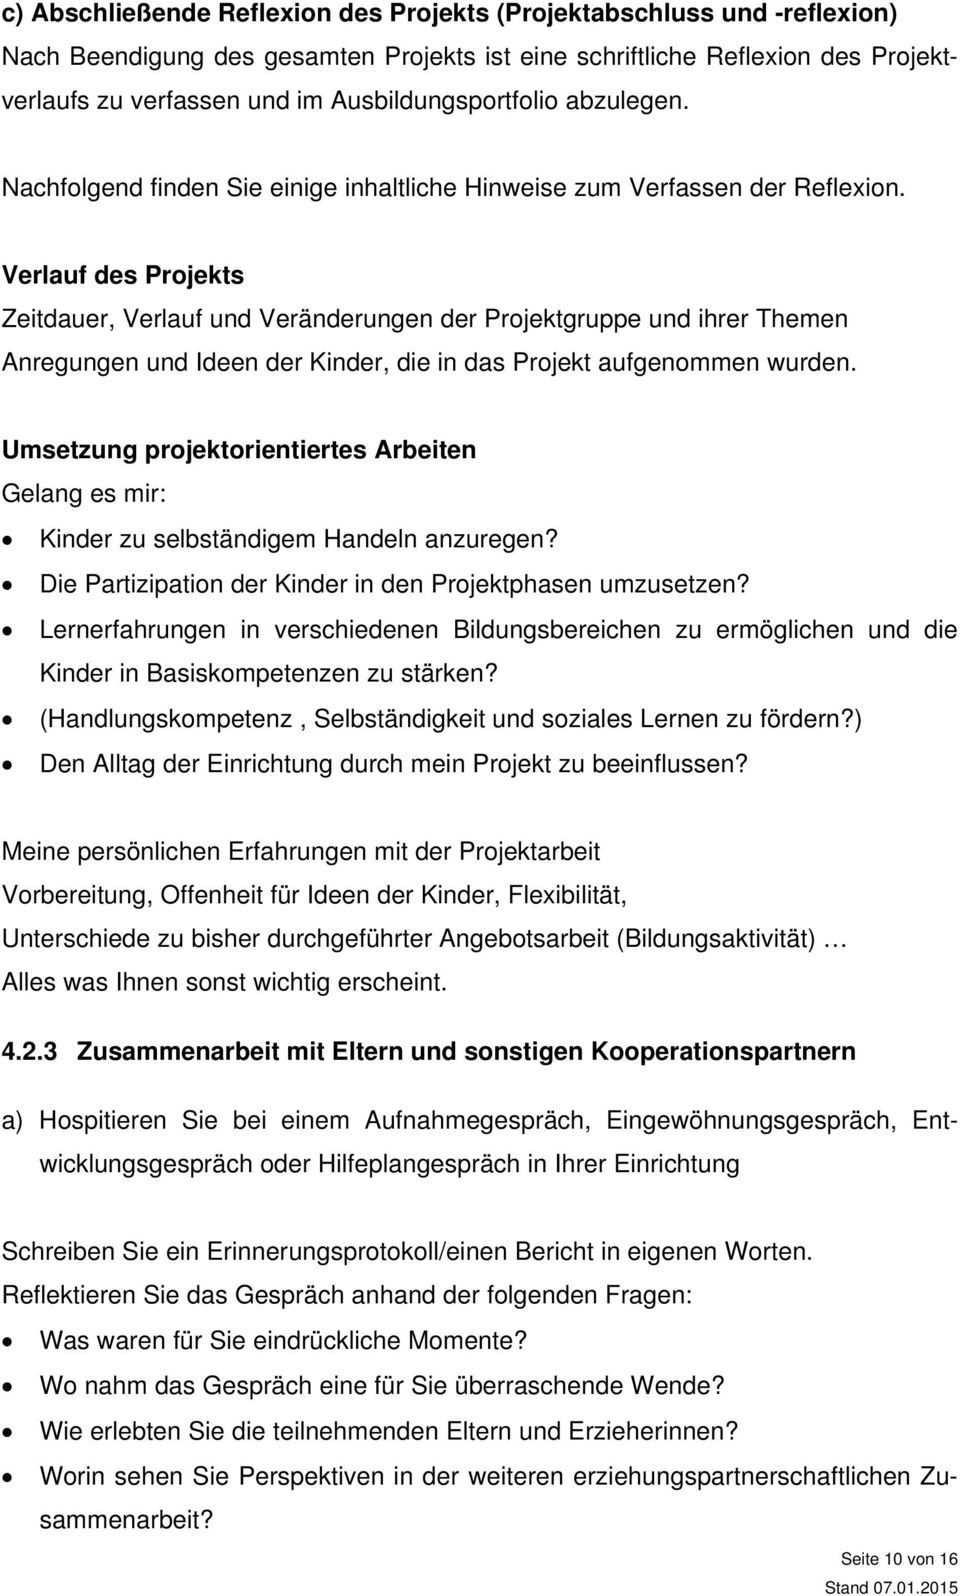 Frisch 40 Zum Reflexion Schreiben Praktikum Muster Check More At